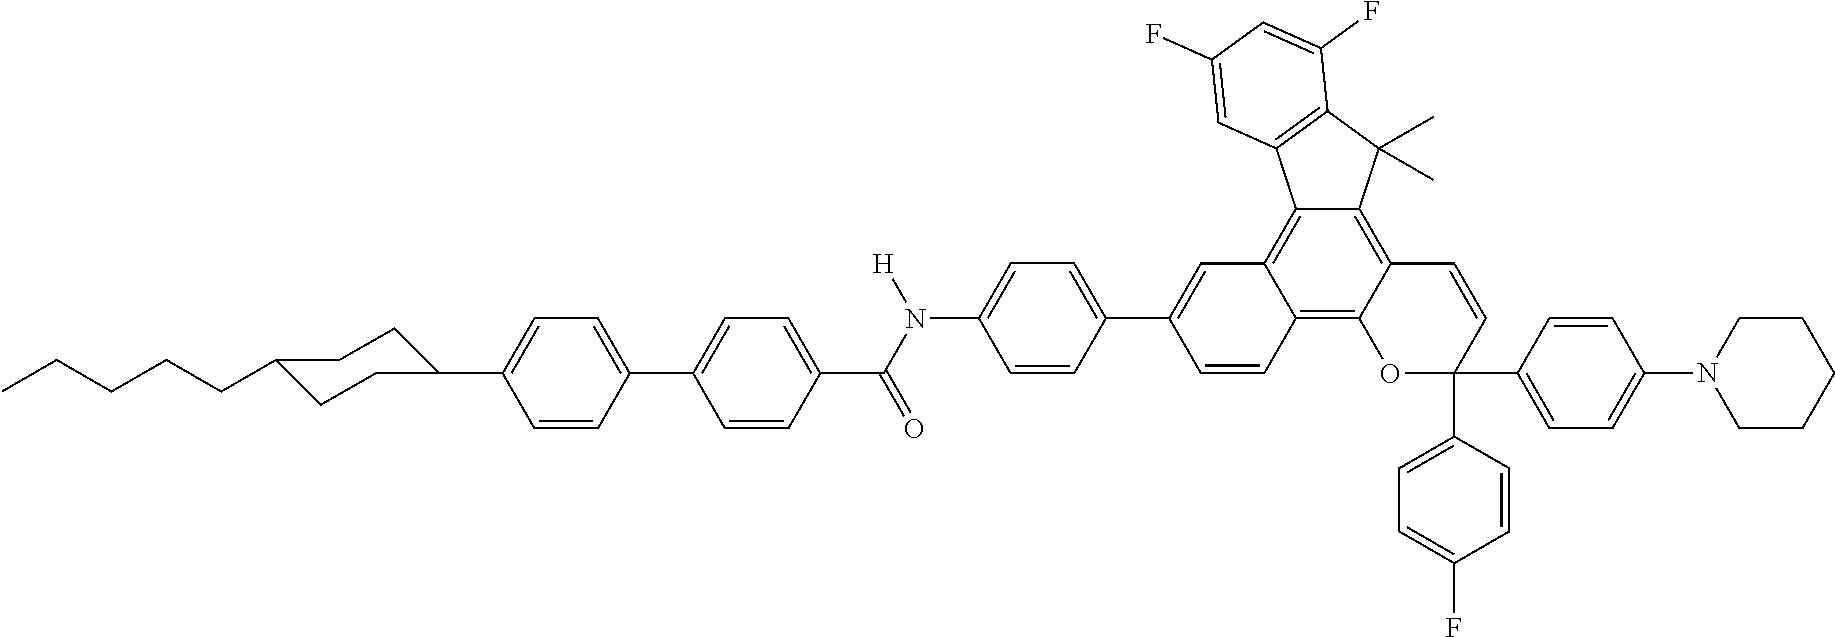 Figure US08518546-20130827-C00039